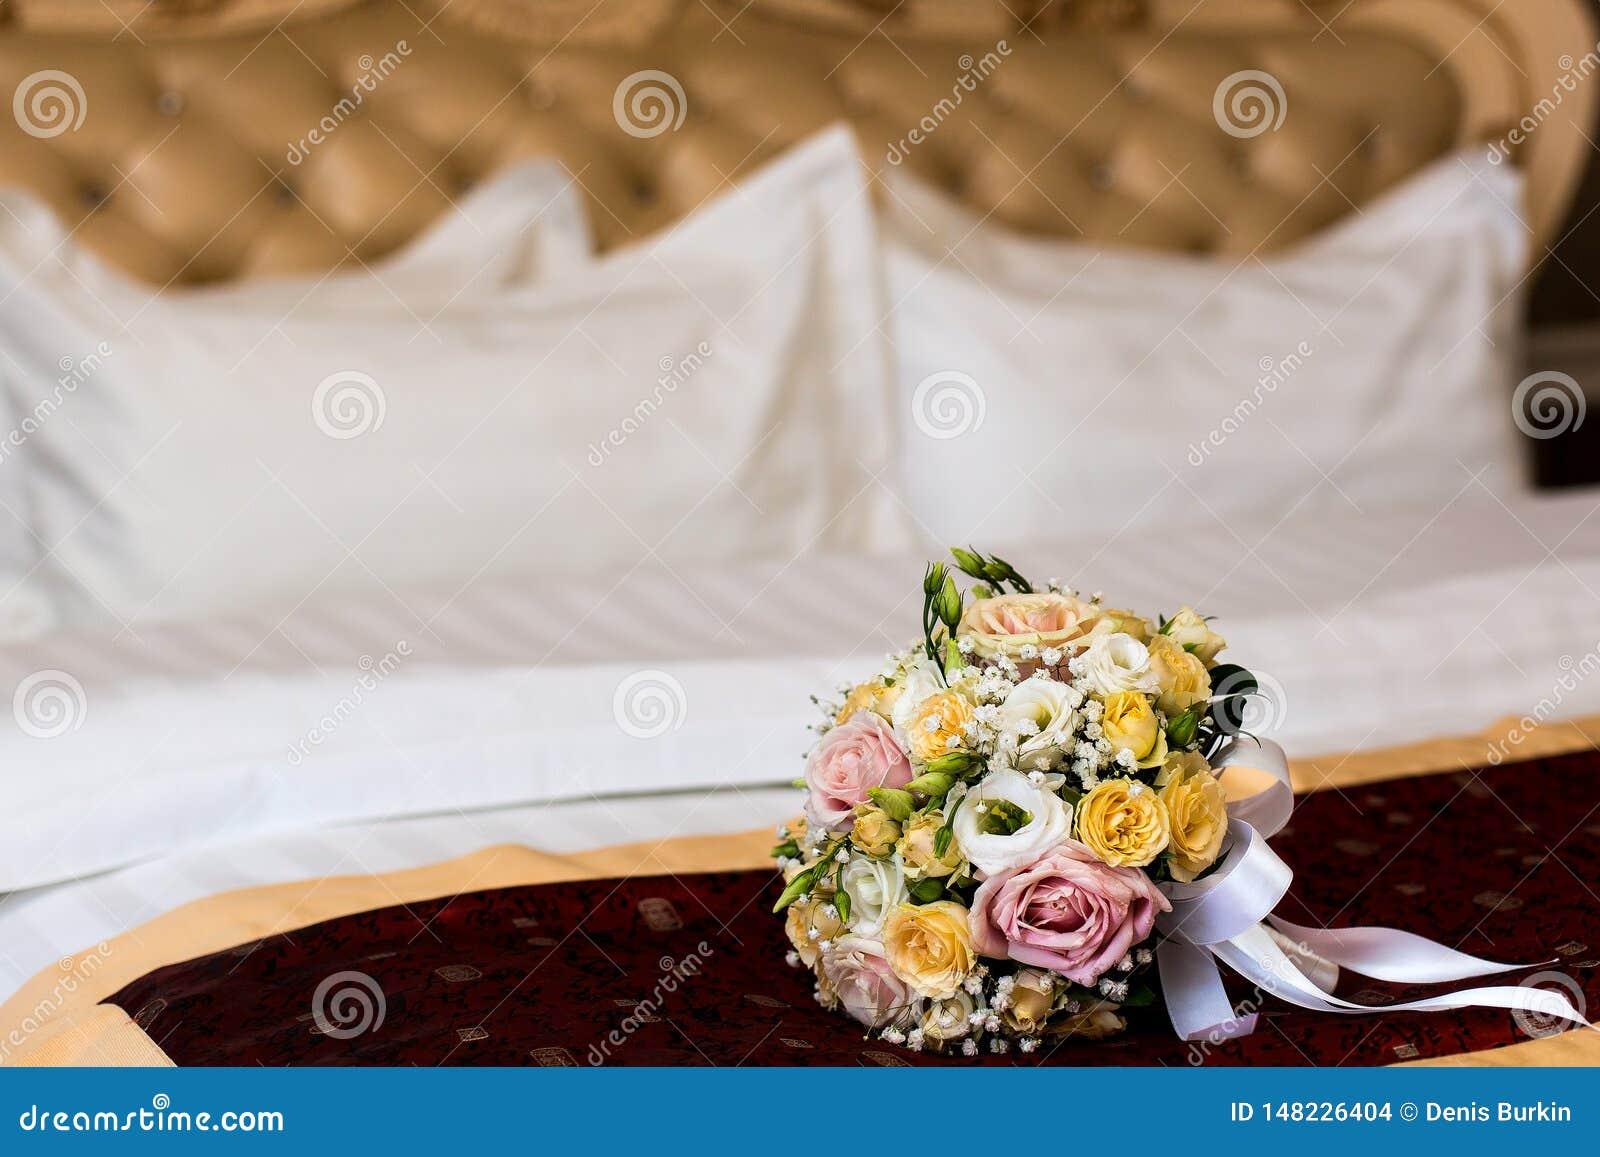 Der Blumenstrauß der Braut auf dem Bett entkleidete wedding Kleidung der Blumenstrauß der Braut auf dem Bett Blumen f?r Hochzeit